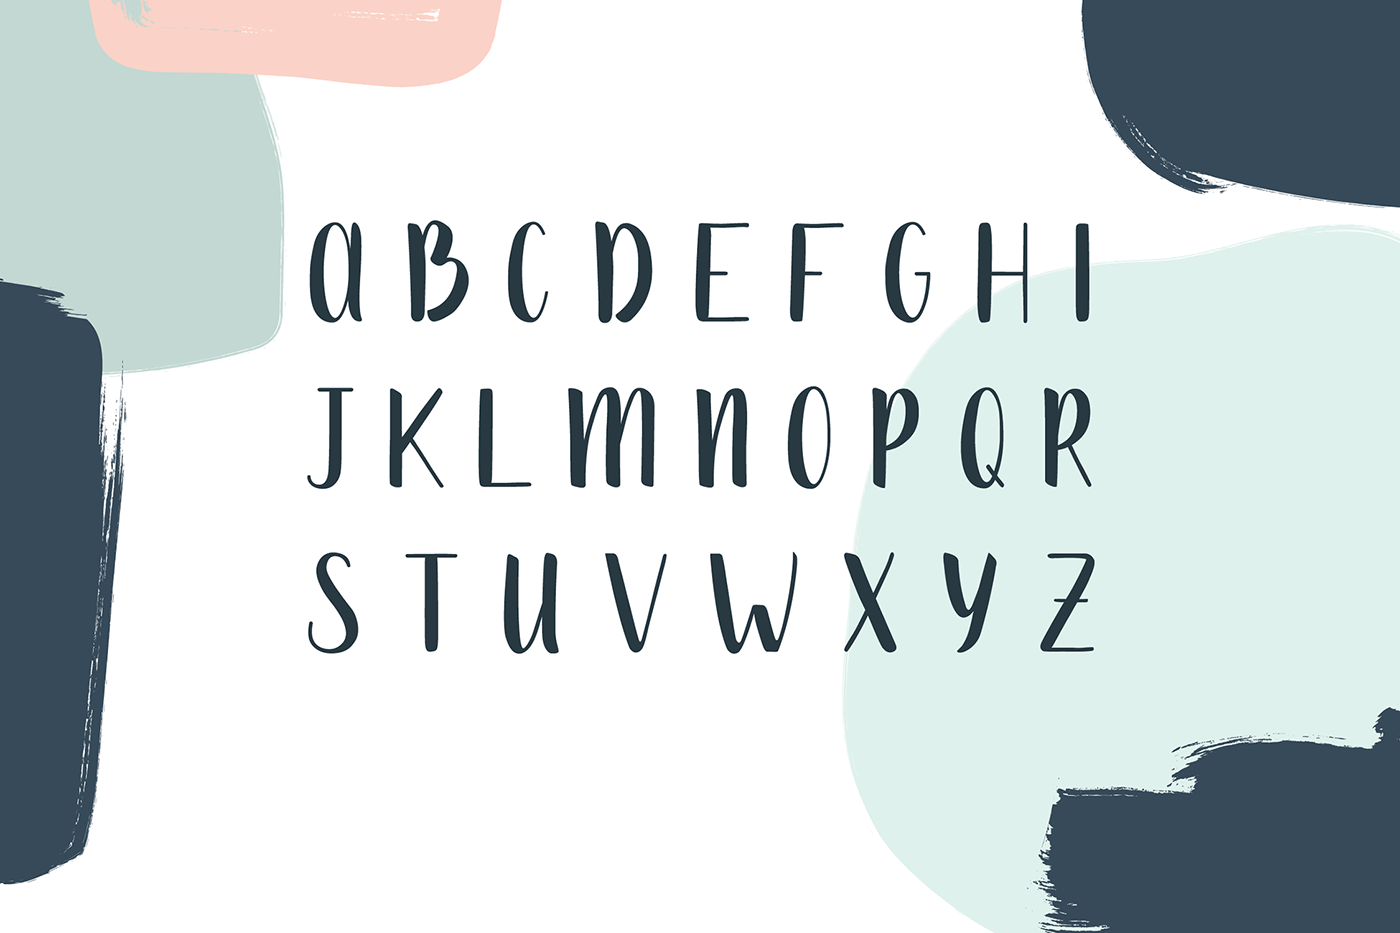 Design Element 2: Type